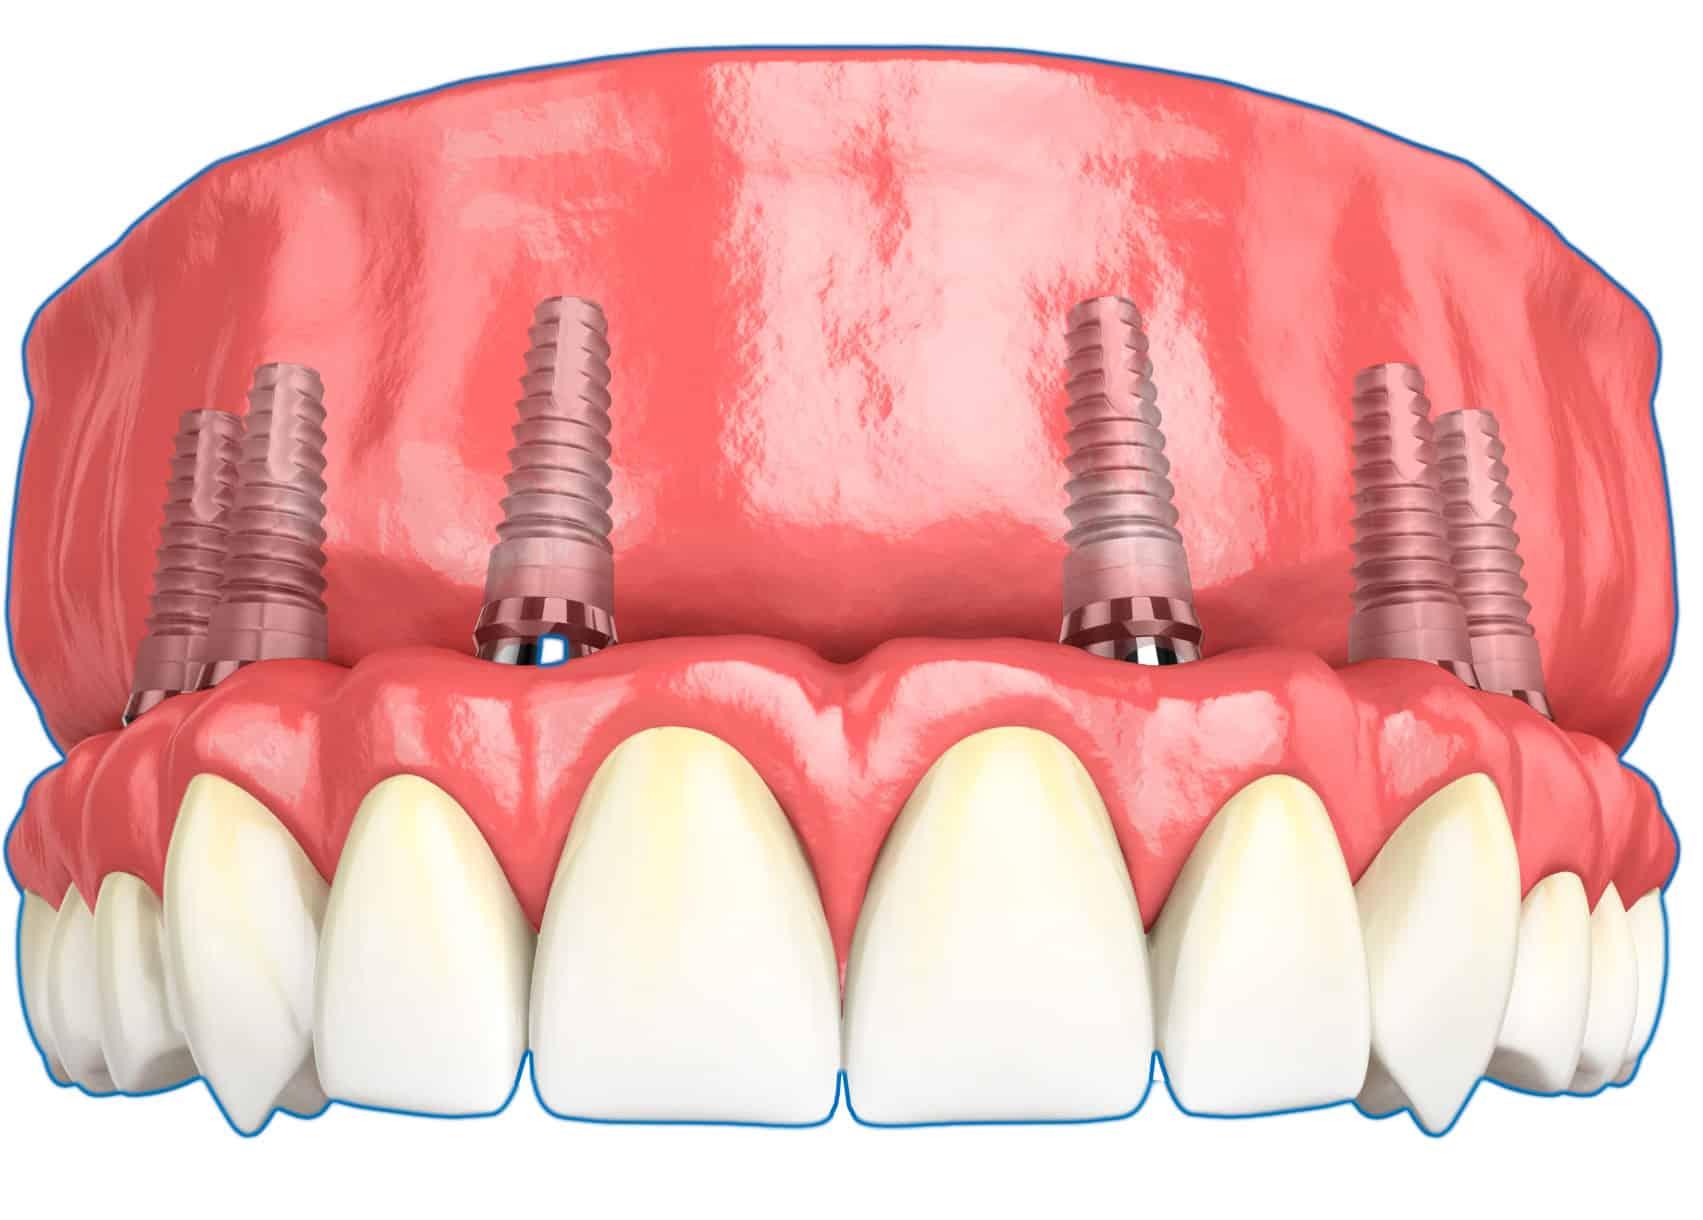 Какие бывают осложнения после зубной имплантации?